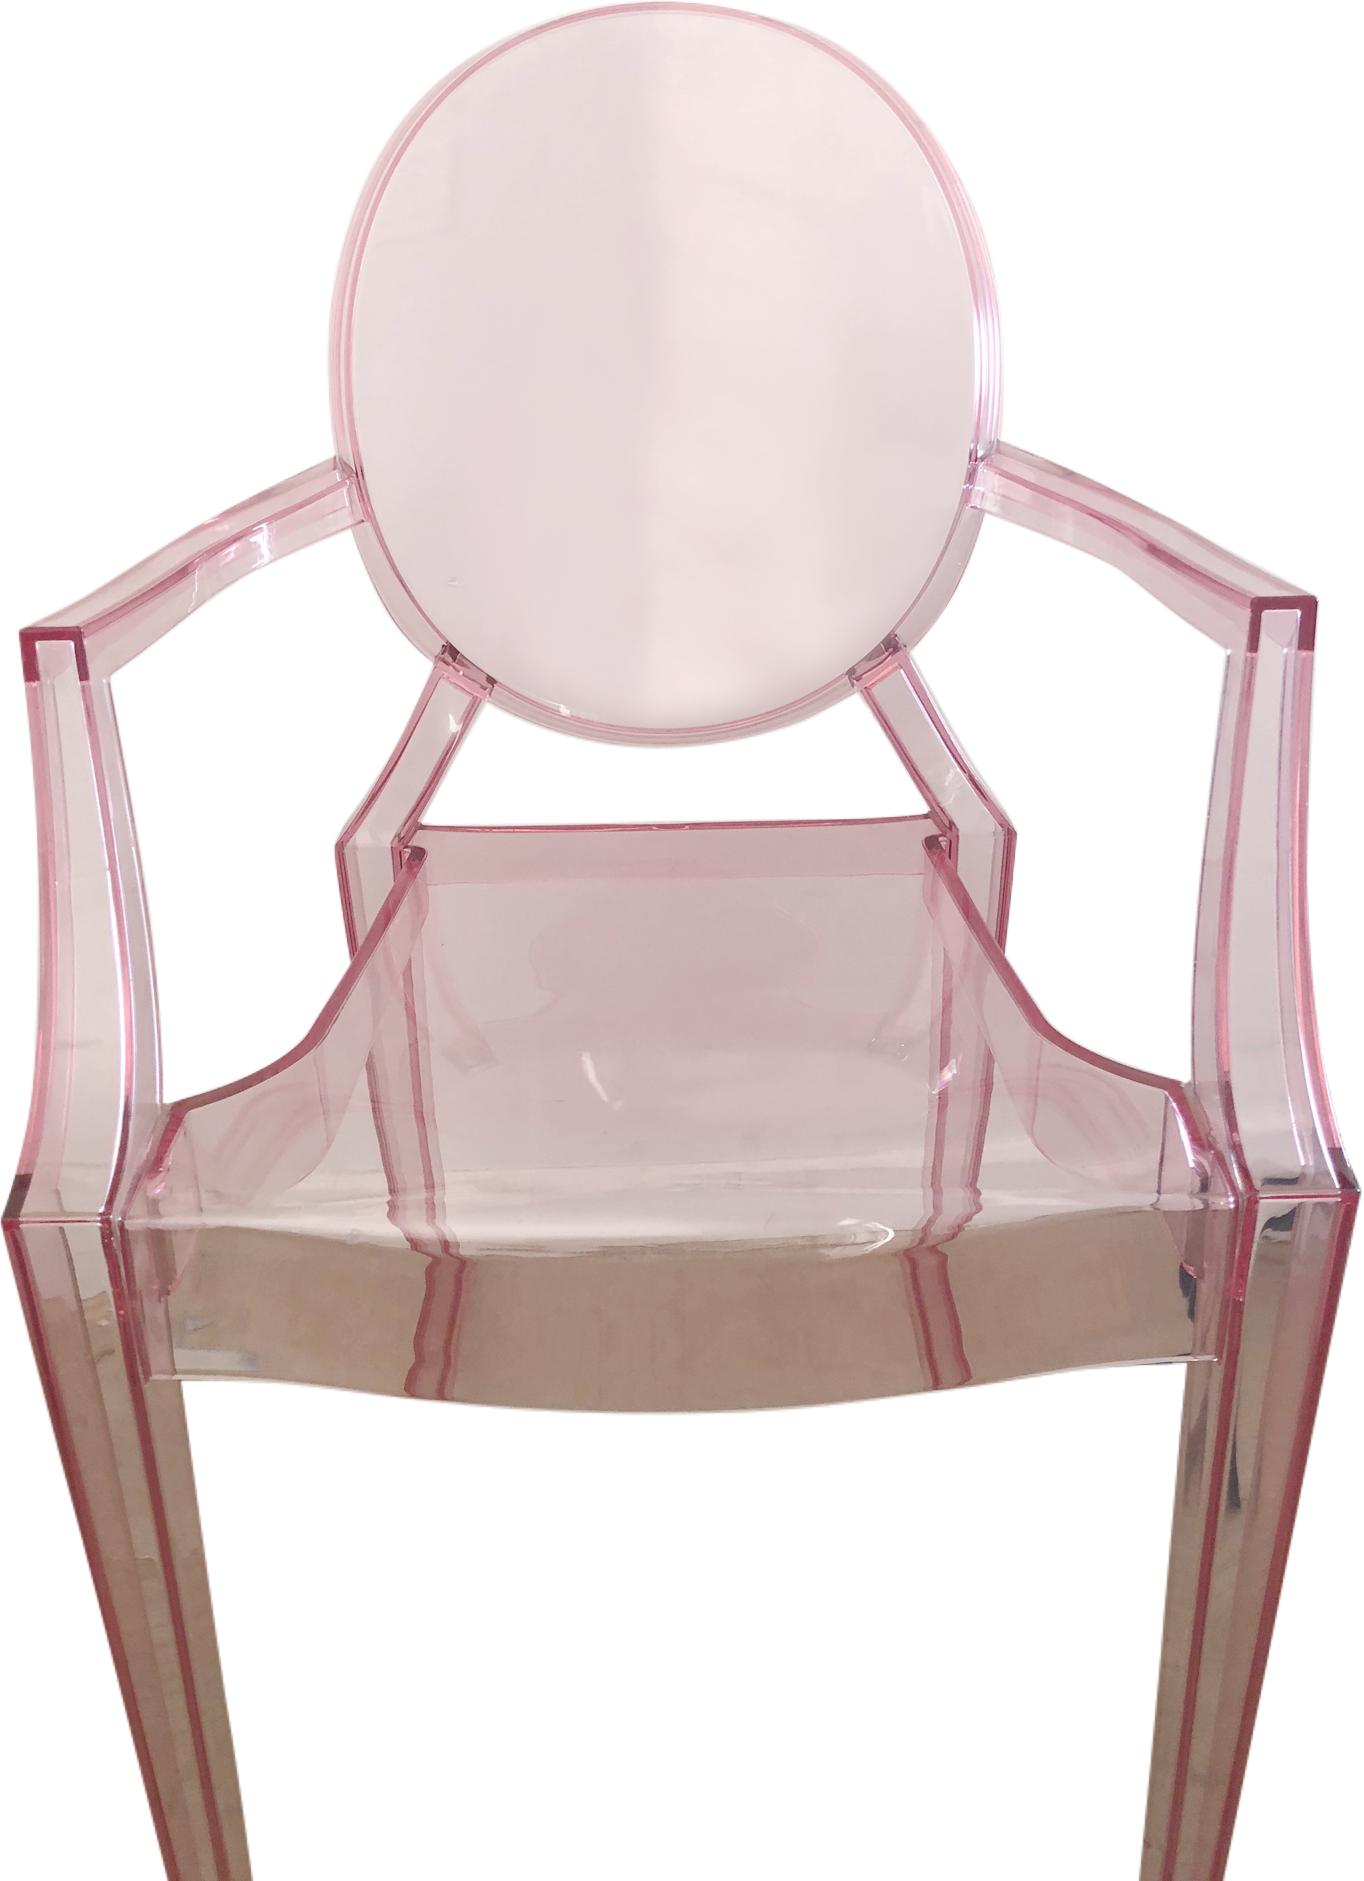 Fauteuil enfant Lou Lou Ghost de Philippe Starck édition Kartell